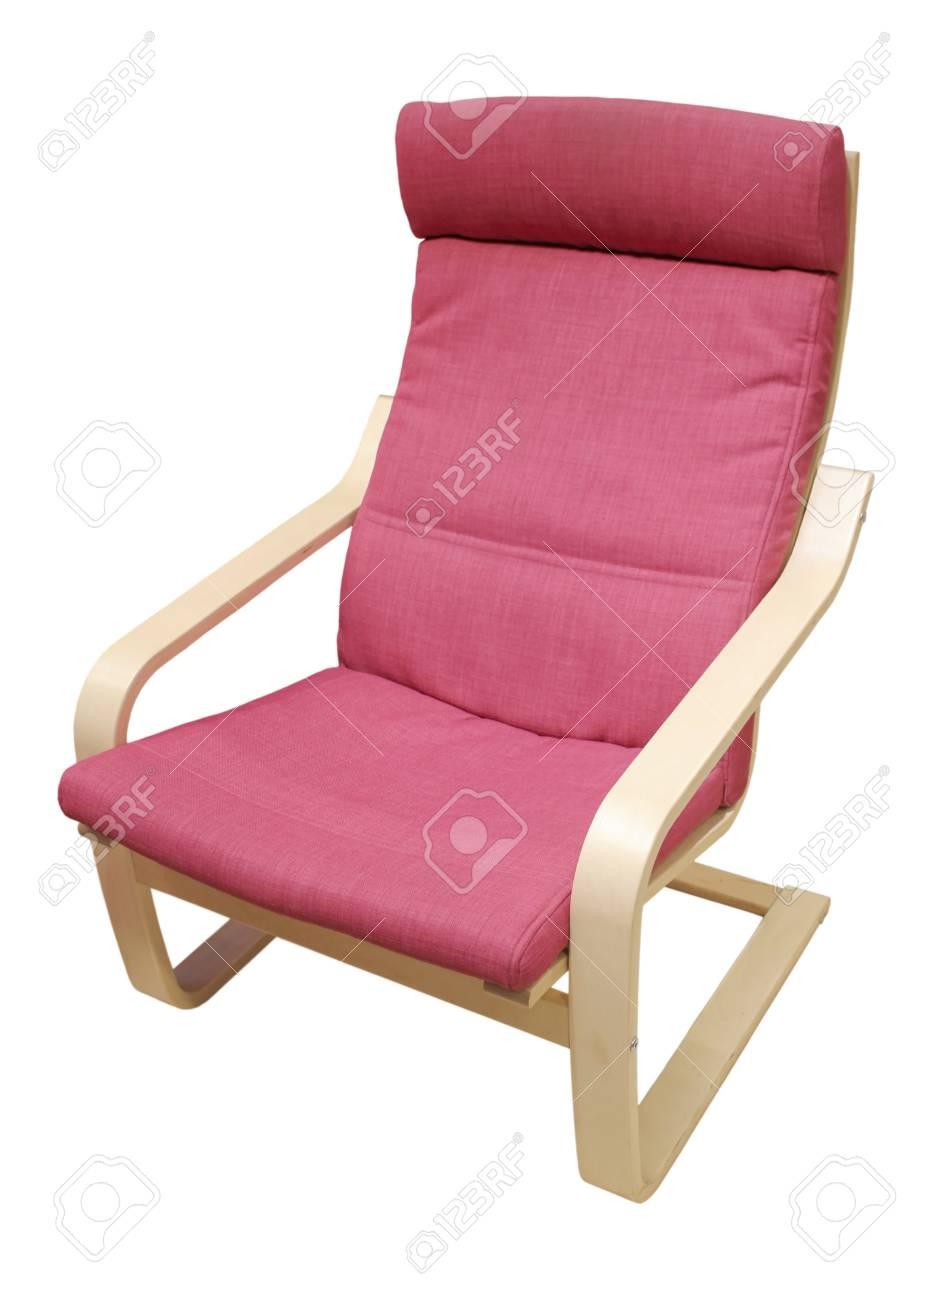 Chaise Confortable Souple Recouvert De Tissu Rouge Isole Sur Un